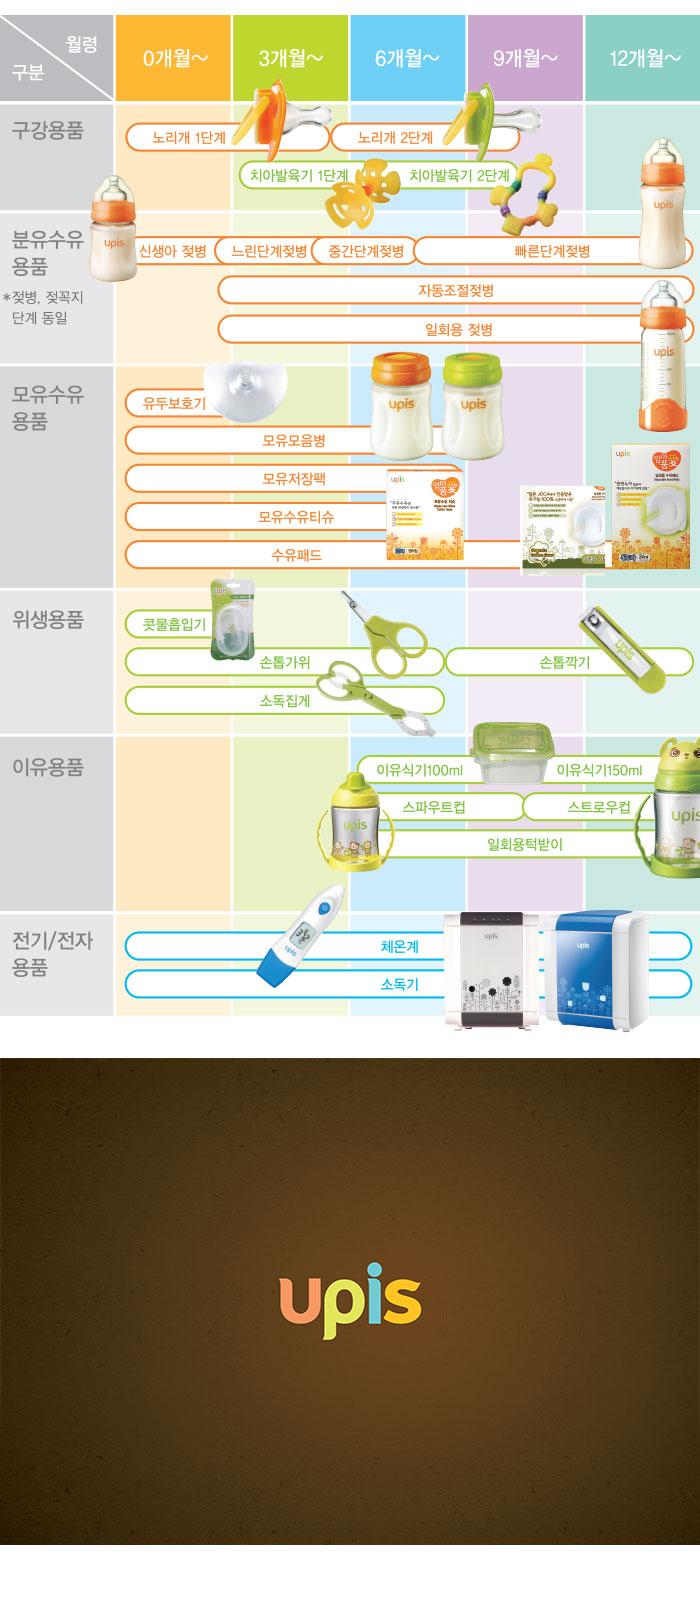 [ UPIS ] Pes奶瓶300 ml(2阶段)